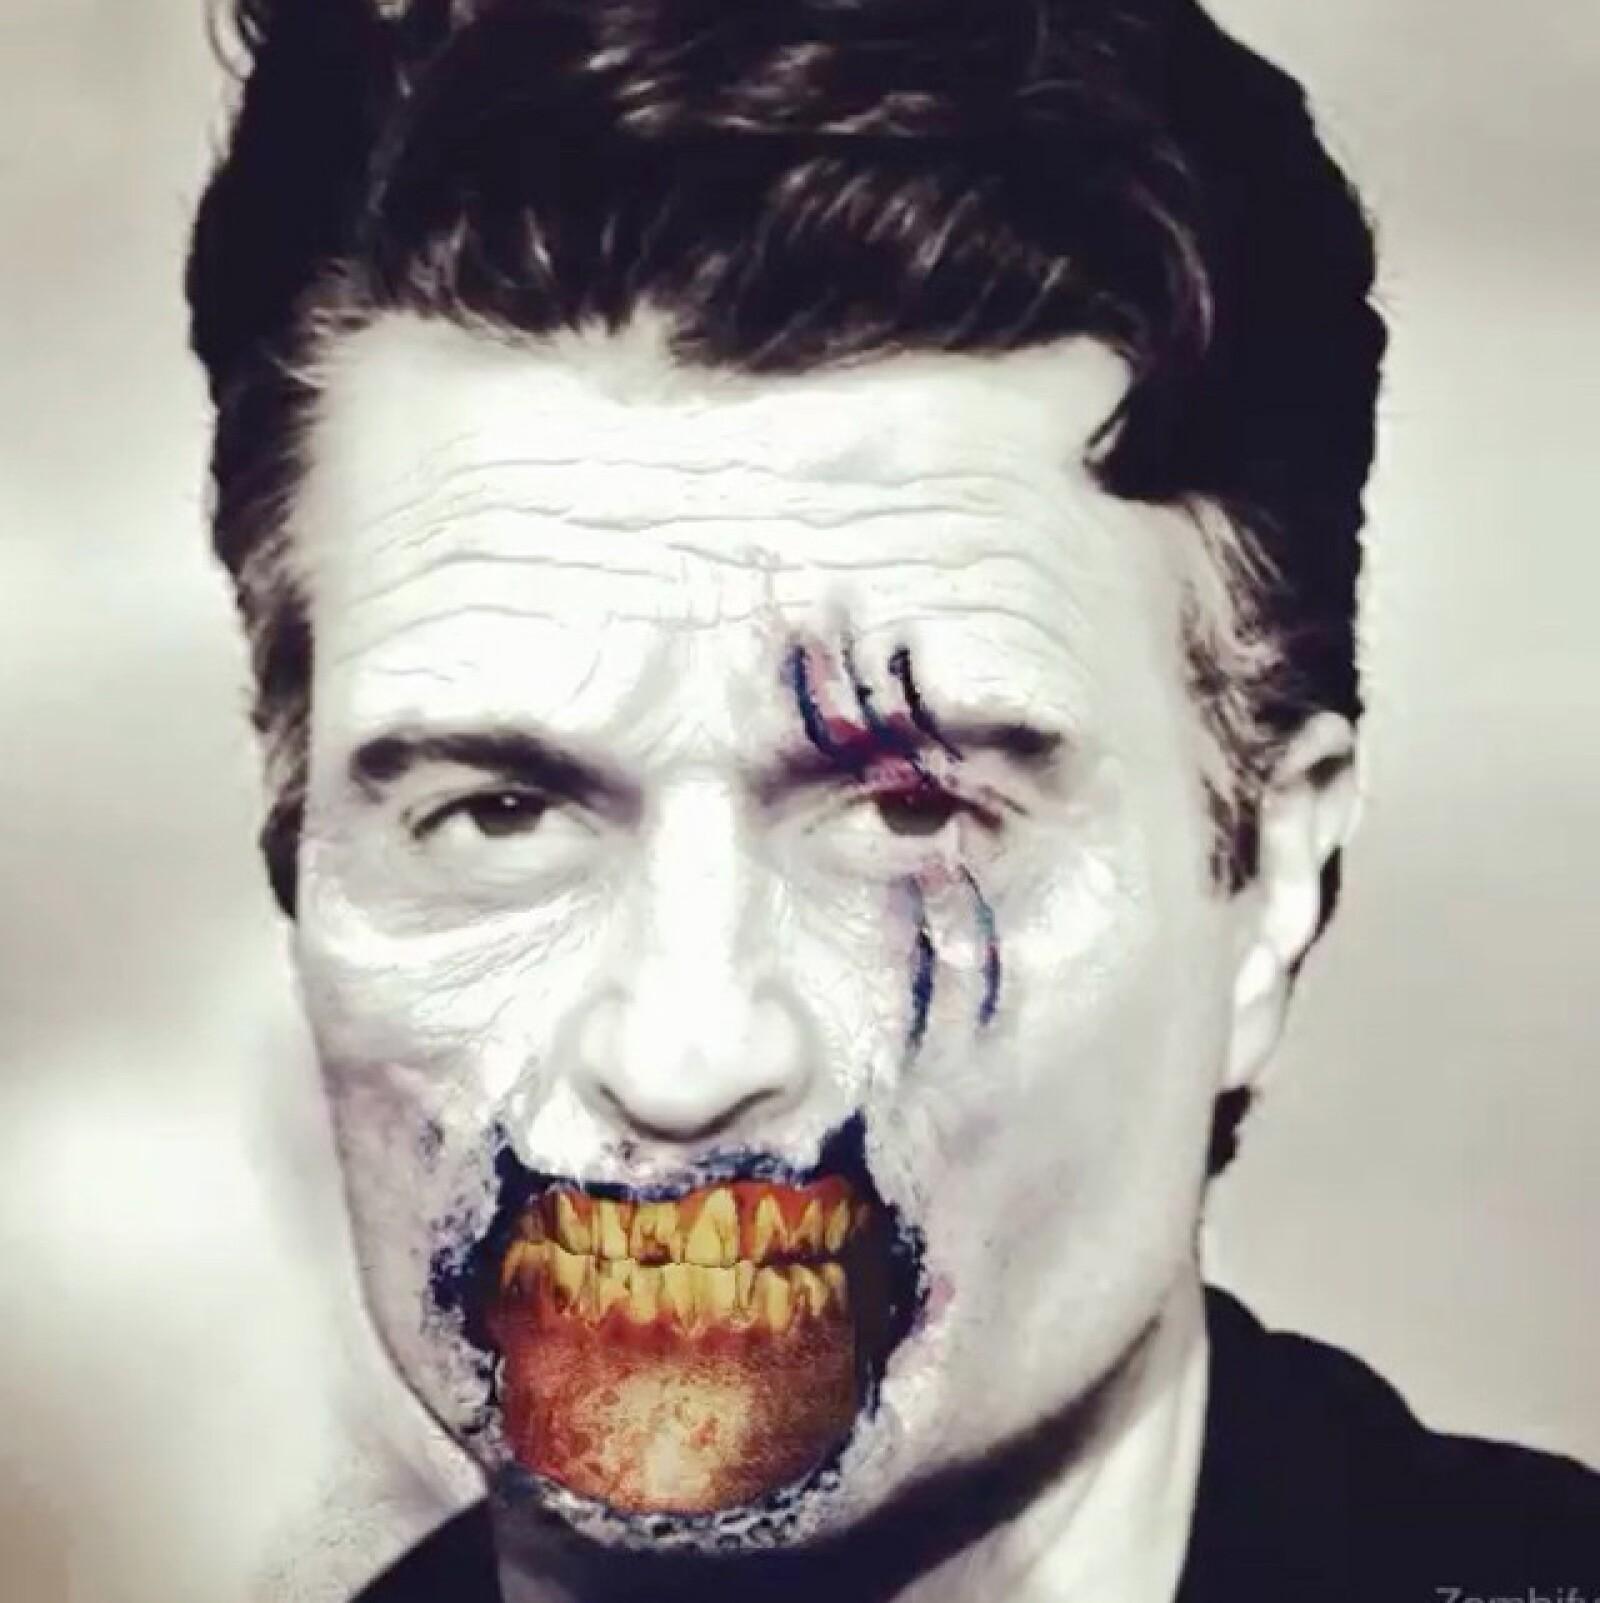 Sin mucho que decir, el actor se maquilló de zombie para este Halloween, haciendo incluso sonidos muy estilo The Walking Dead.